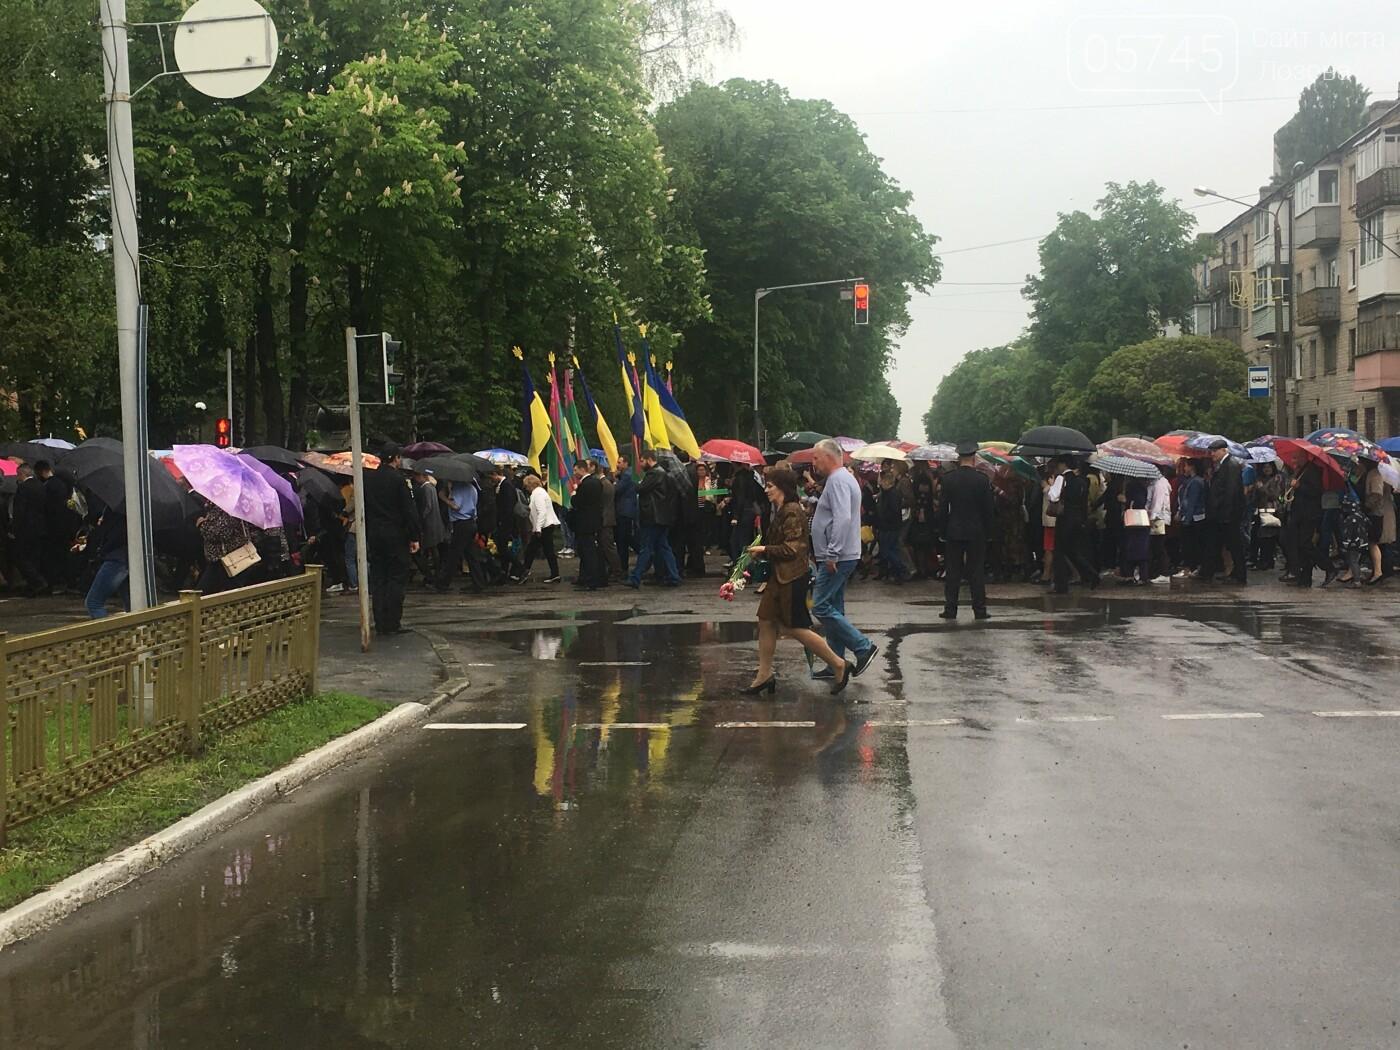 Праздник под зонтом. В Лозовой прошли торжественные мероприятия ко Дню Победы, фото-4